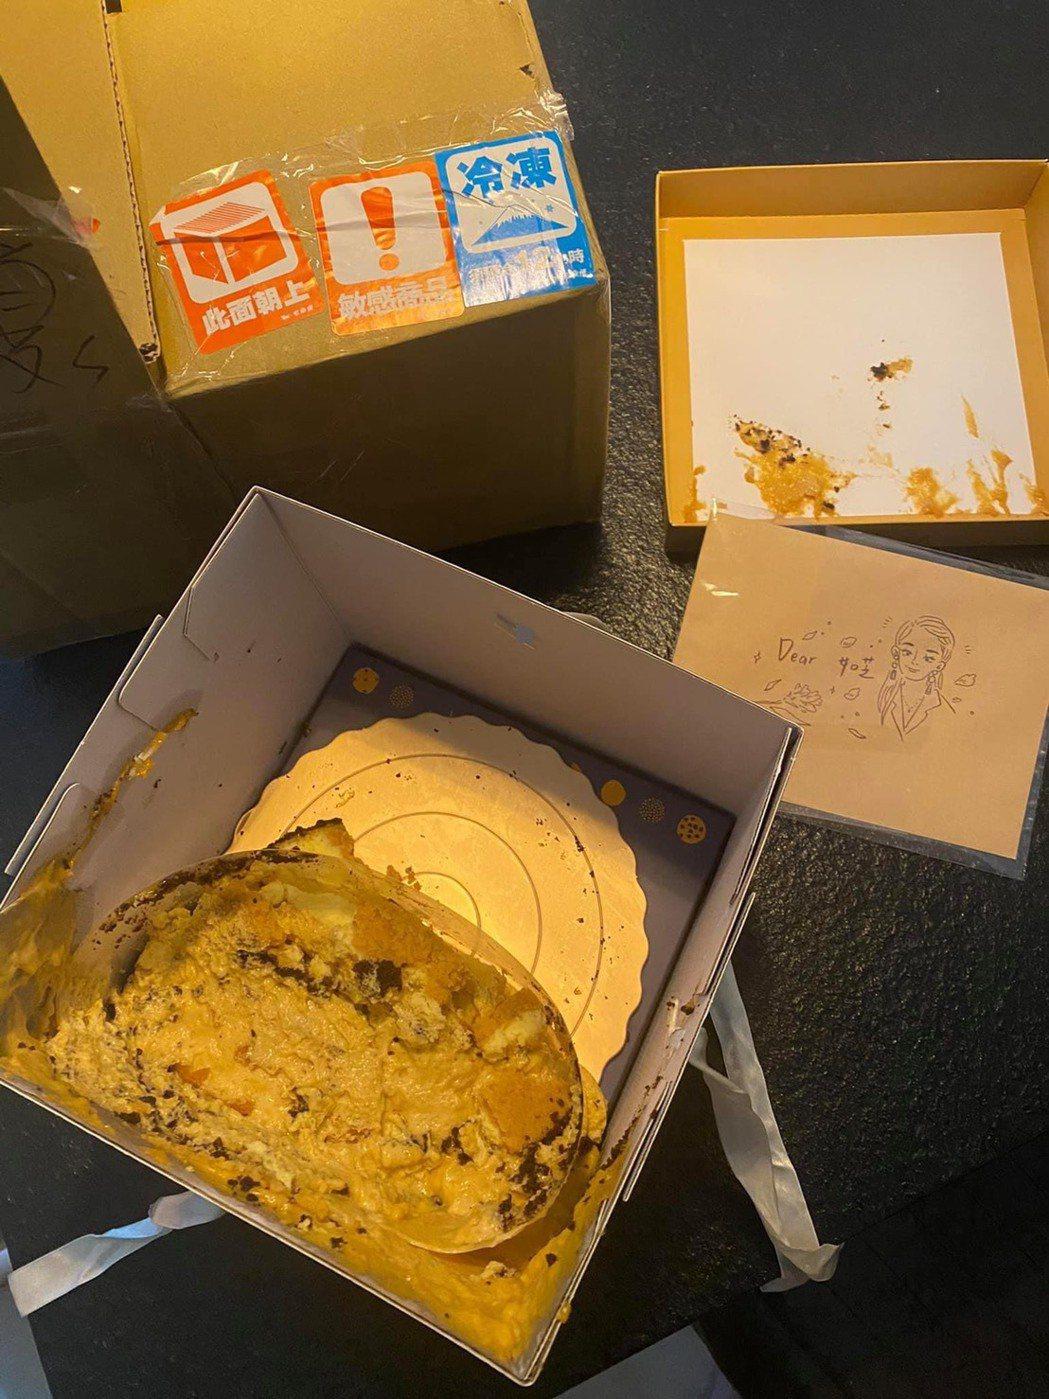 夏如芝收到人生第一個母親節蛋糕,打開包裹竟是整顆碎掉的慘狀。圖/摘自臉書